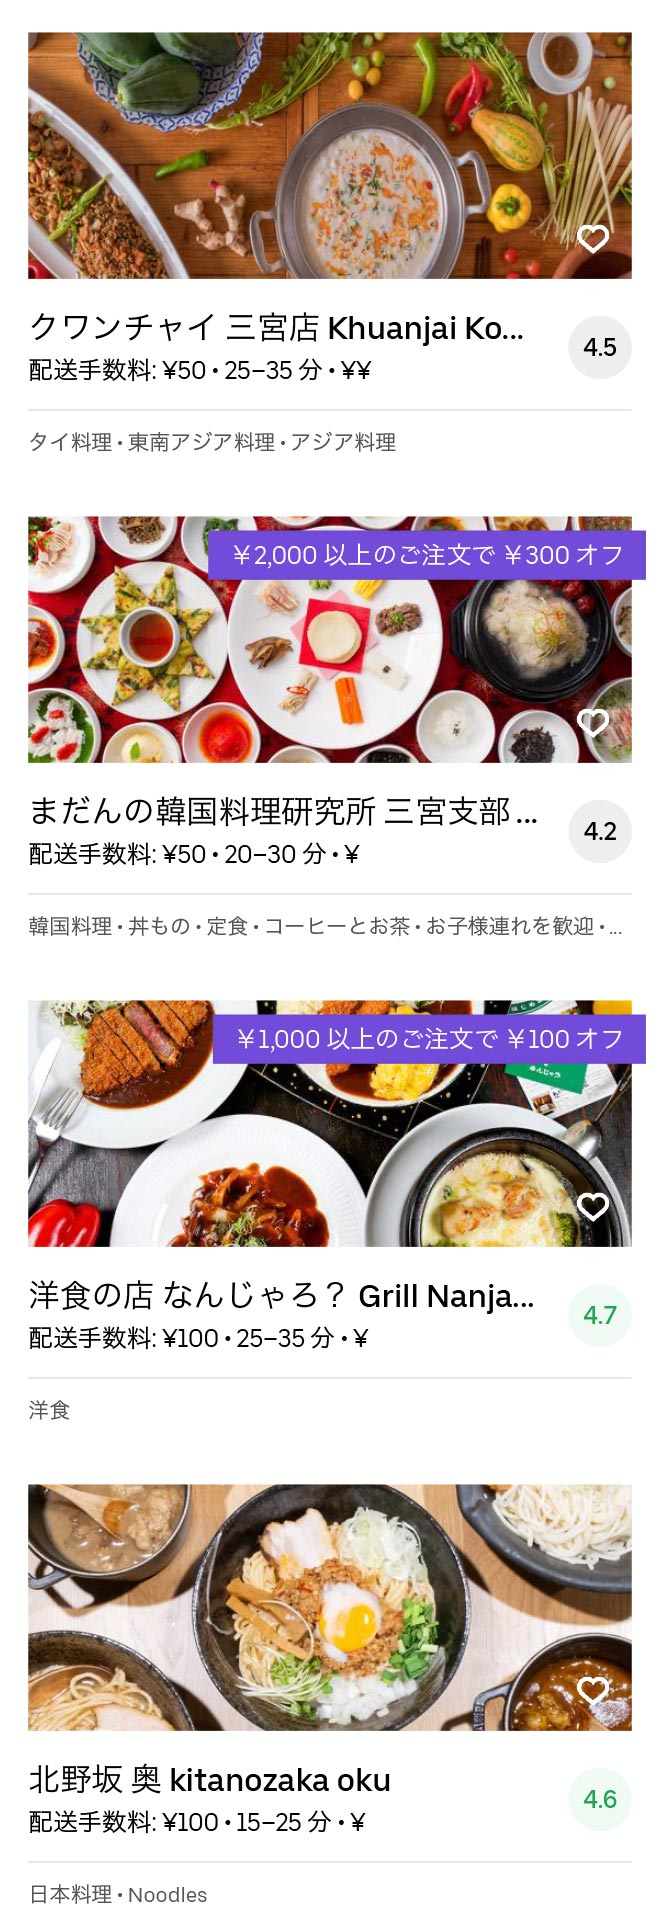 Kobe sannomiya menu 2005 08